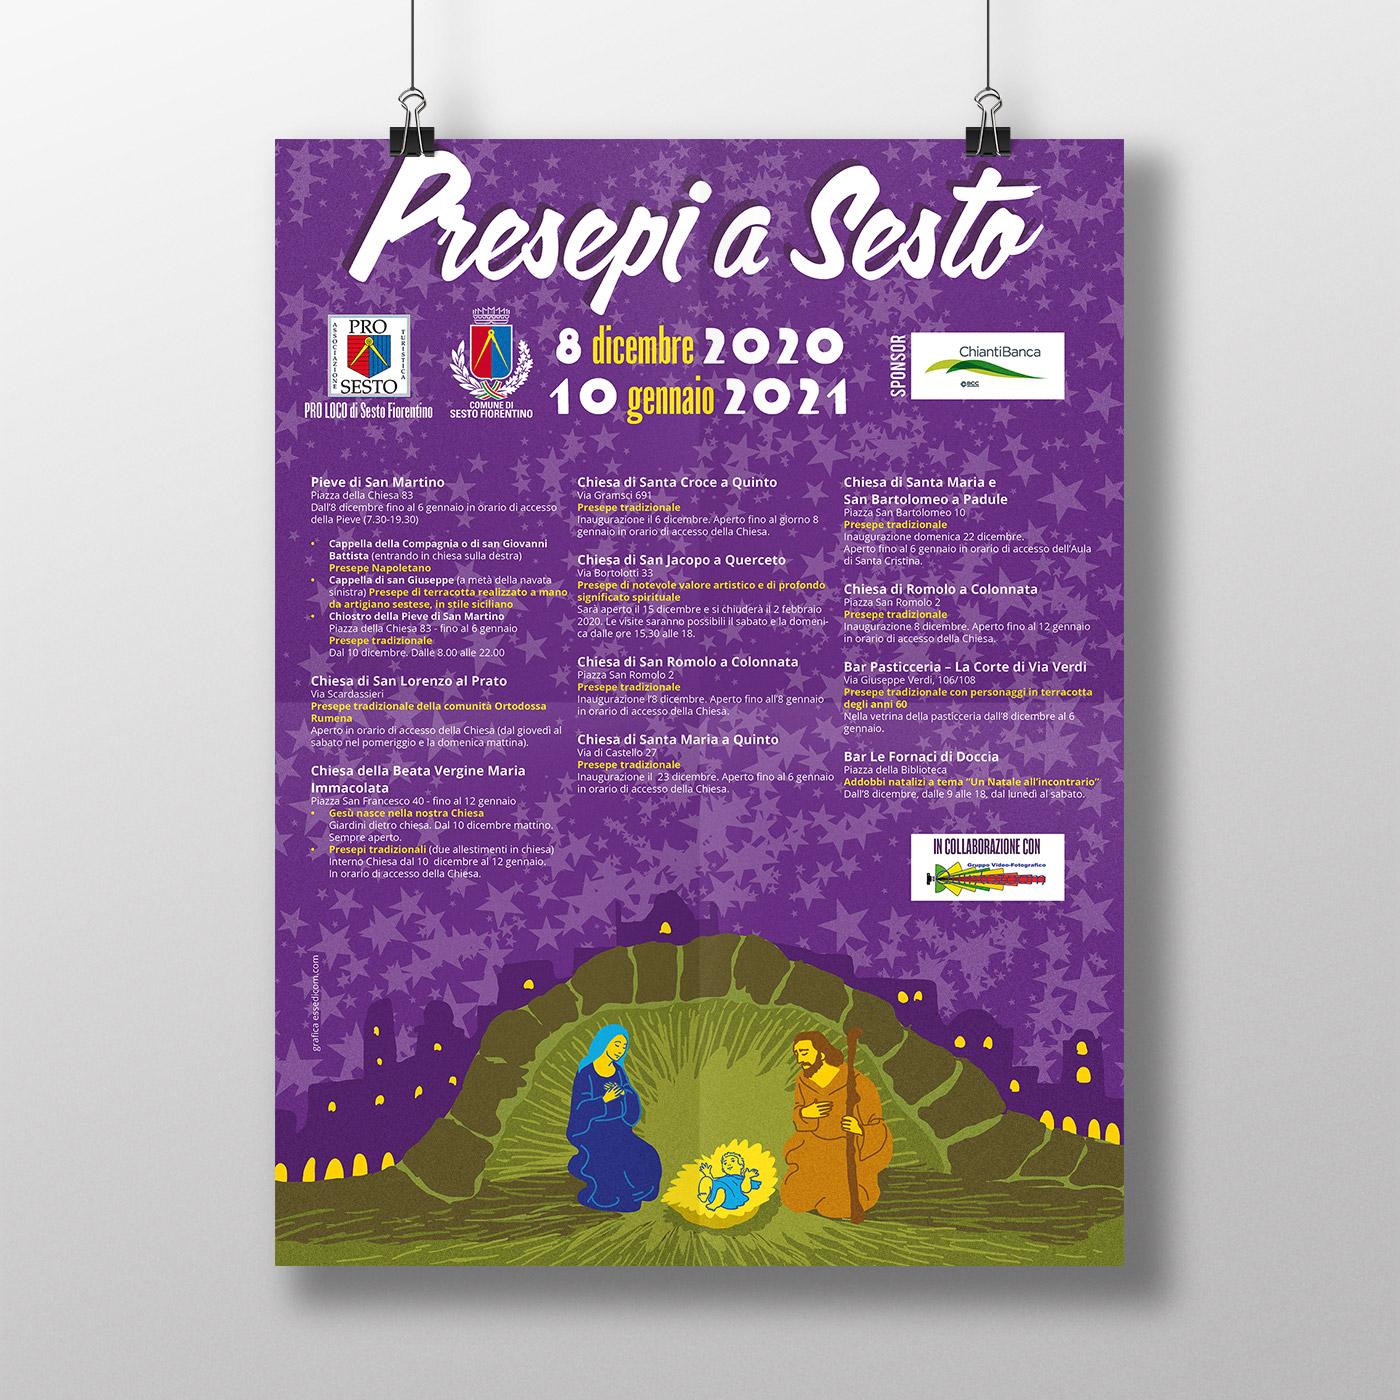 Poster – Presepi a Sesto Fiorentino